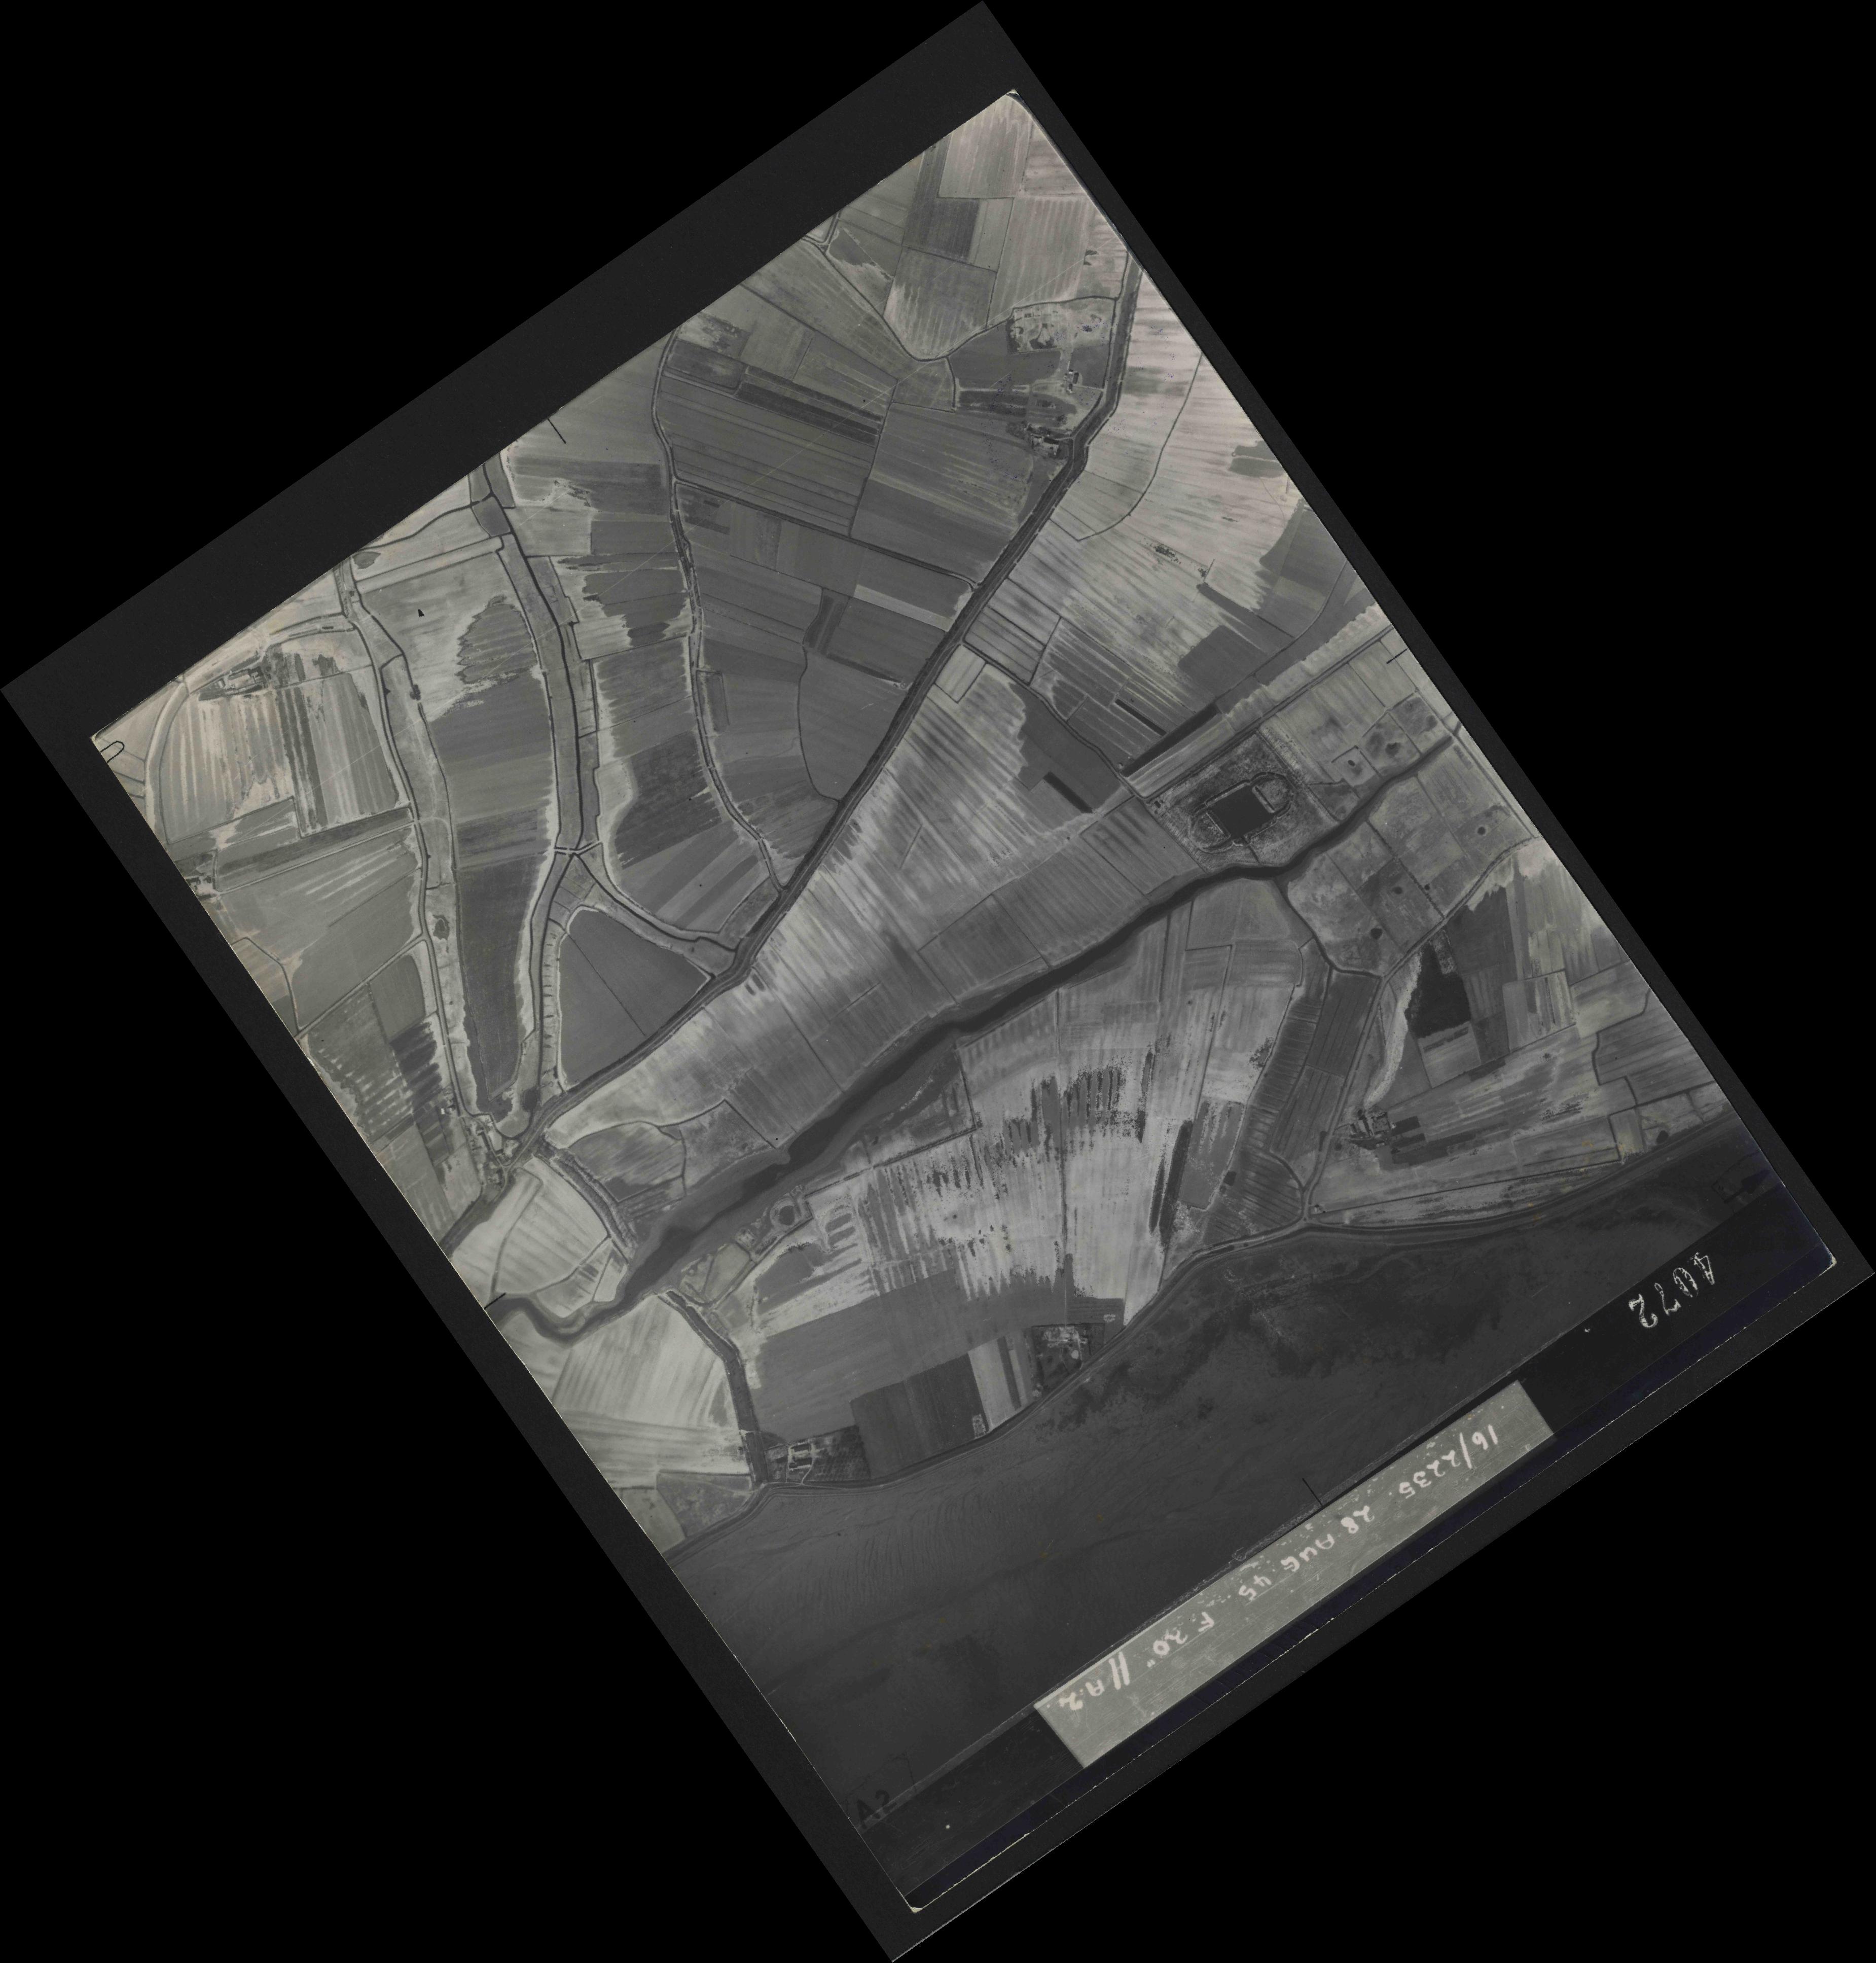 Collection RAF aerial photos 1940-1945 - flight 033, run 10, photo 4072